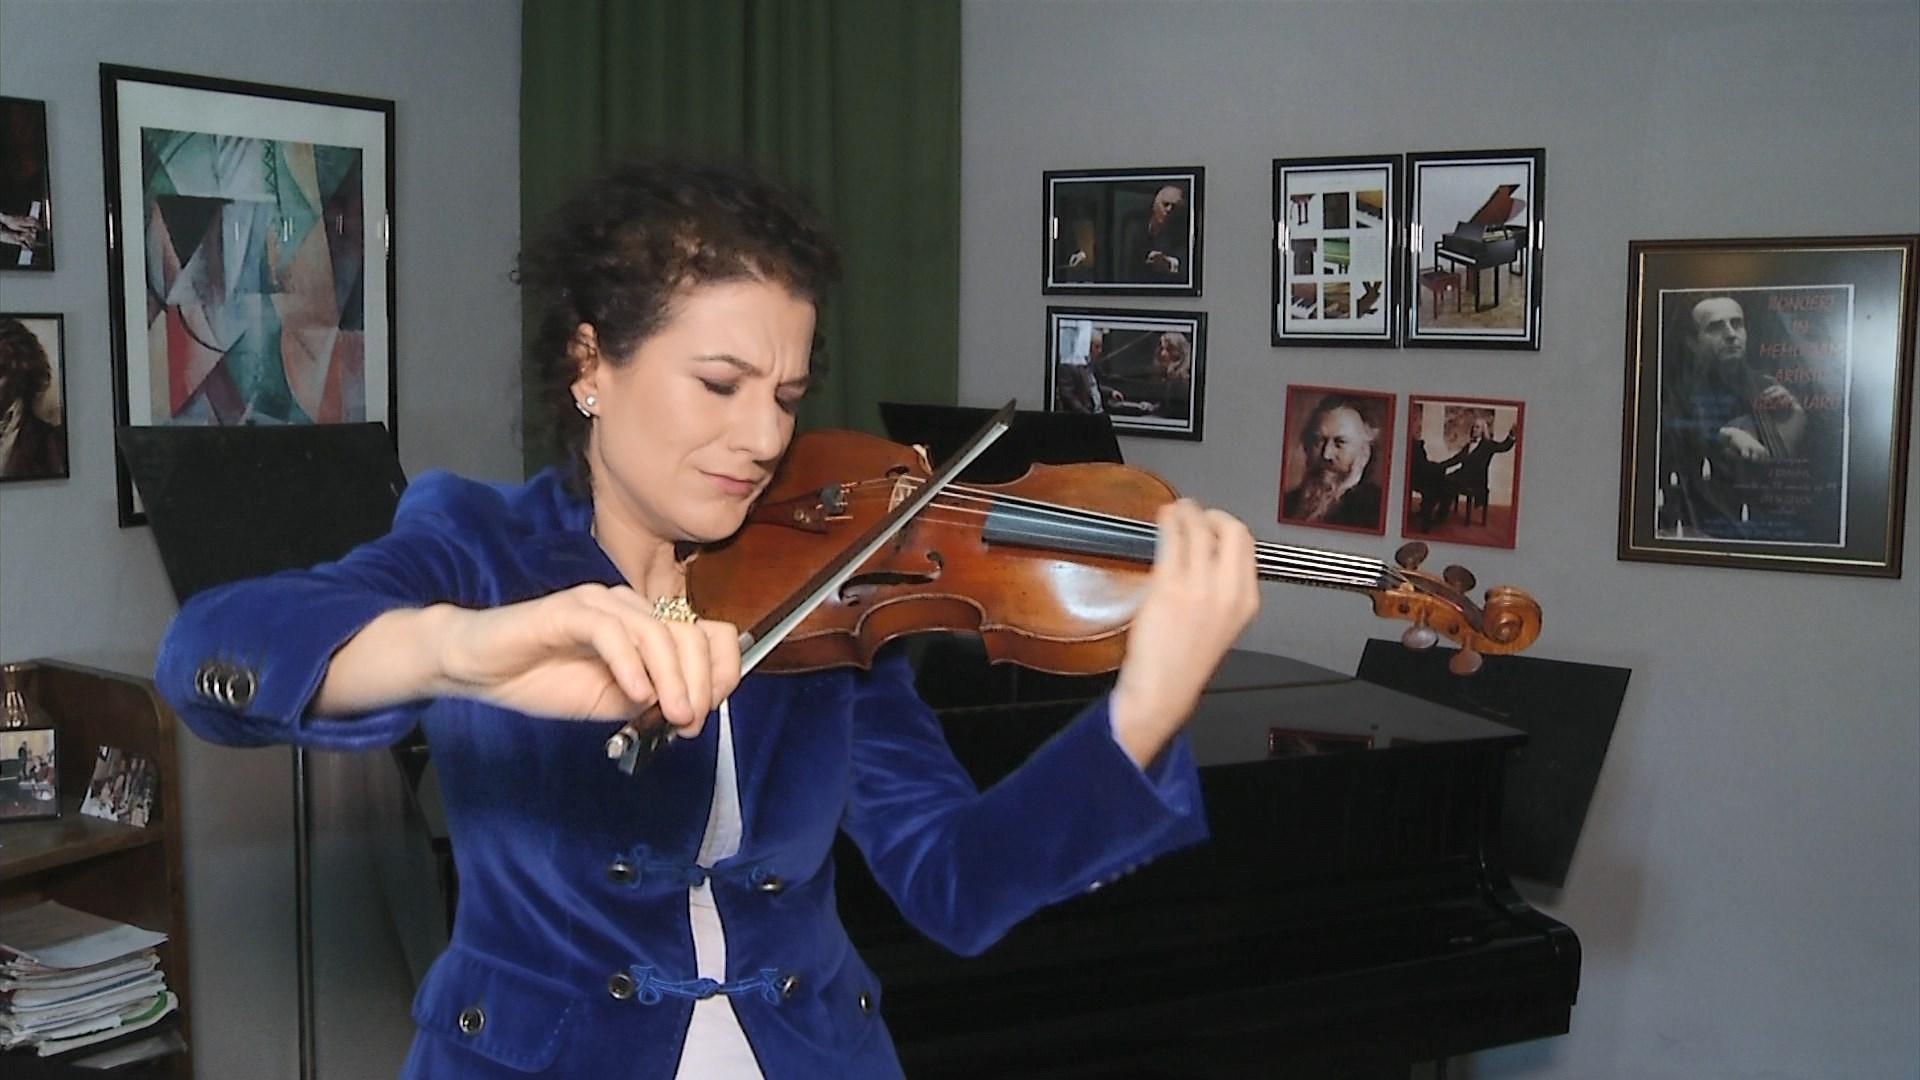 """Violinistja Alda Dizdari nis turin botëror """"Në gjurmët e Bahut"""""""